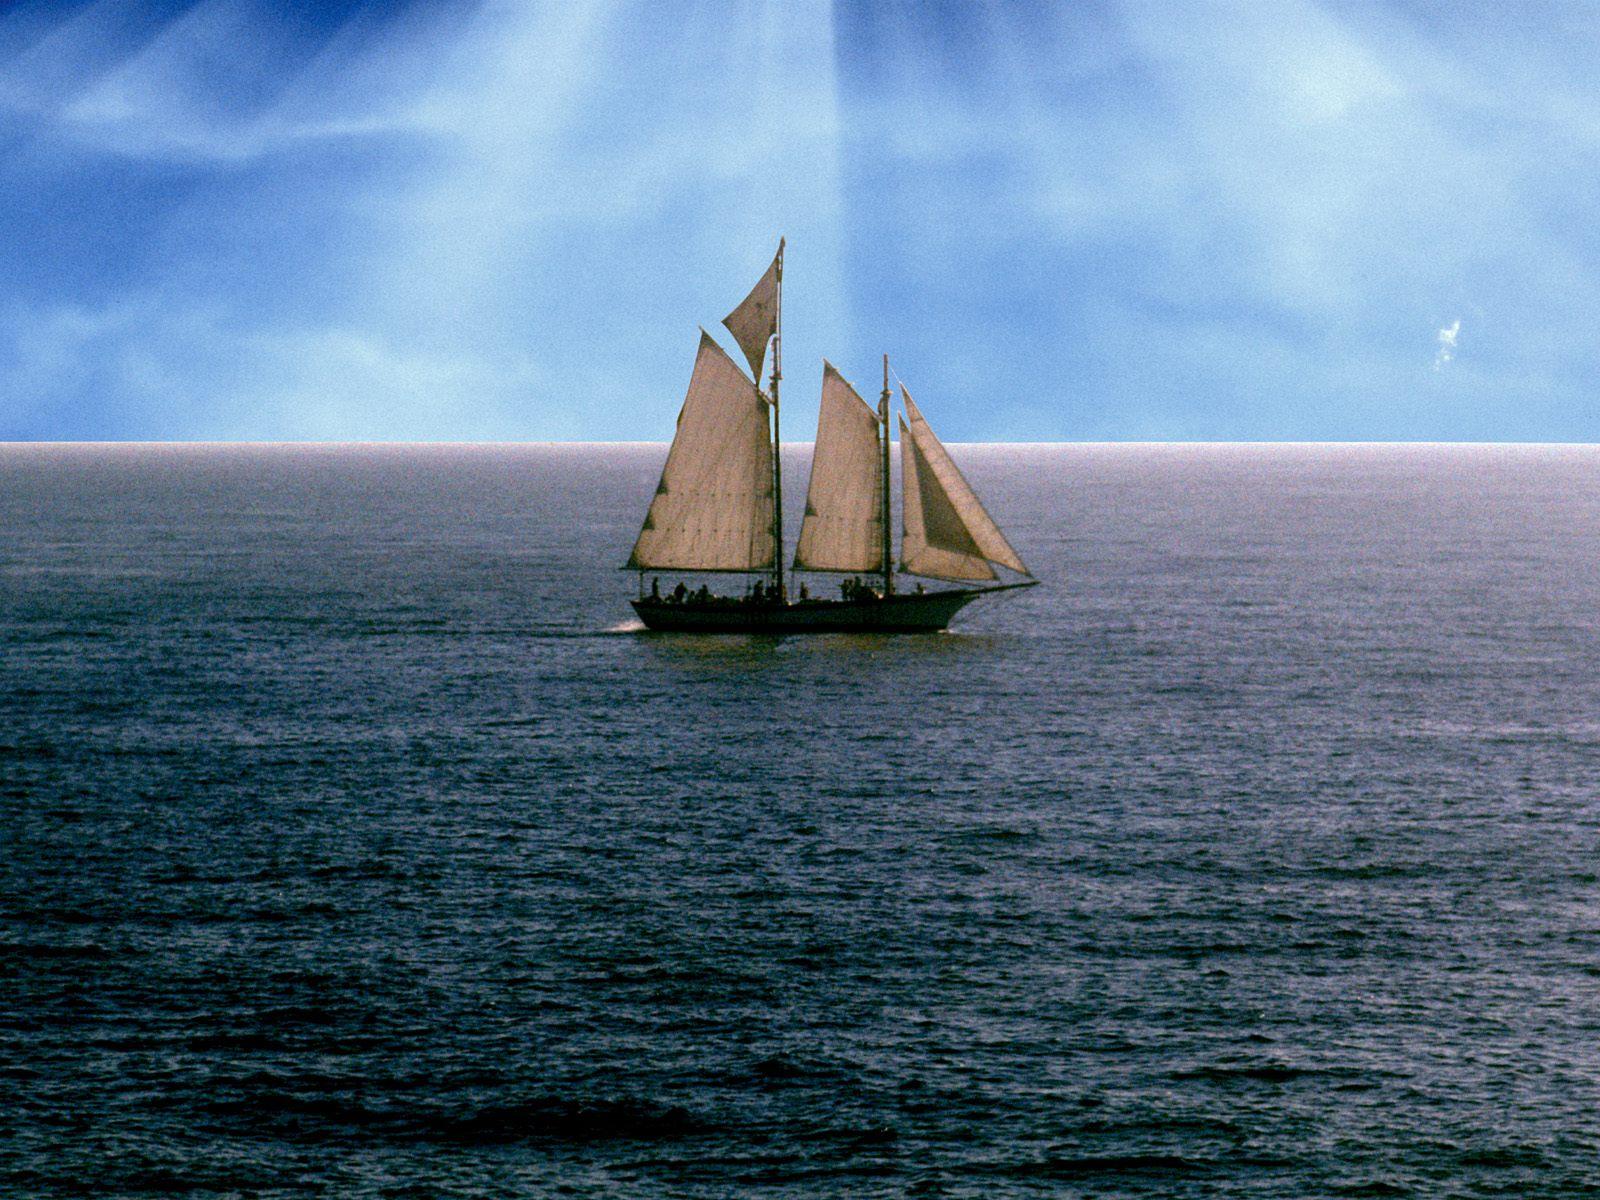 A Fantastic Voyage